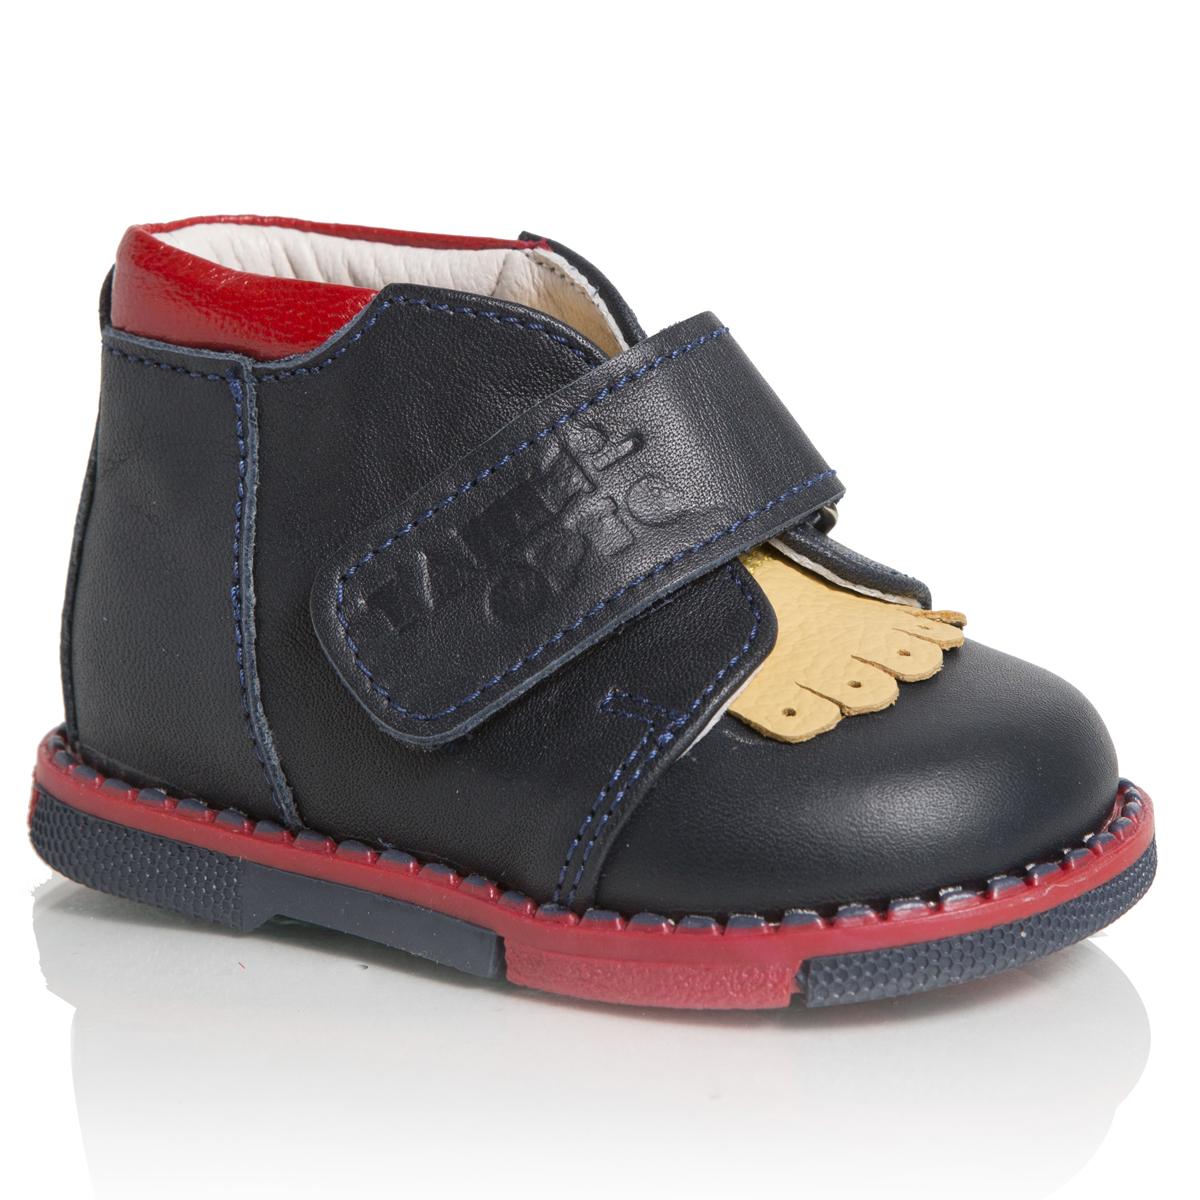 Ботинки для мальчика. 140-071140-071Стильные ботинки от Таши Орто придутся по душе вашему мальчику! Модель выполнена из натуральной высококачественной кожи и оформлена тисненым названием бренда на ремешке. Полужесткий задник и ремешок с застежкой-липучкой, расположенный поверх язычка изделия, надежно фиксируют ножку ребенка, не давая ей смещаться из стороны в сторону и назад. Стелька из натуральной кожи дополнена супинатором с перфорацией, который обеспечивает правильное положение ноги ребенка при ходьбе, предотвращает плоскостопие. Латексное покрытие стельки дает ножке ощущение мягкости и комфорта. Утепленная подкладка защищает ножку ребенка от холода. Ортопедический каблук Томаса (каблук высотой от 2 до 5 мм) укрепляет подошву под средней частью стопы и препятствует заваливанию детской стопы внутрь. Гибкая подошва позволяет сгибаться детской стопе при ходьбе или беге анатомически правильно, в 1/3 стопы, а не посередине. Рифленая поверхность подошвы защищает изделие от скольжения. Удобные ботинки - незаменимая вещь в...